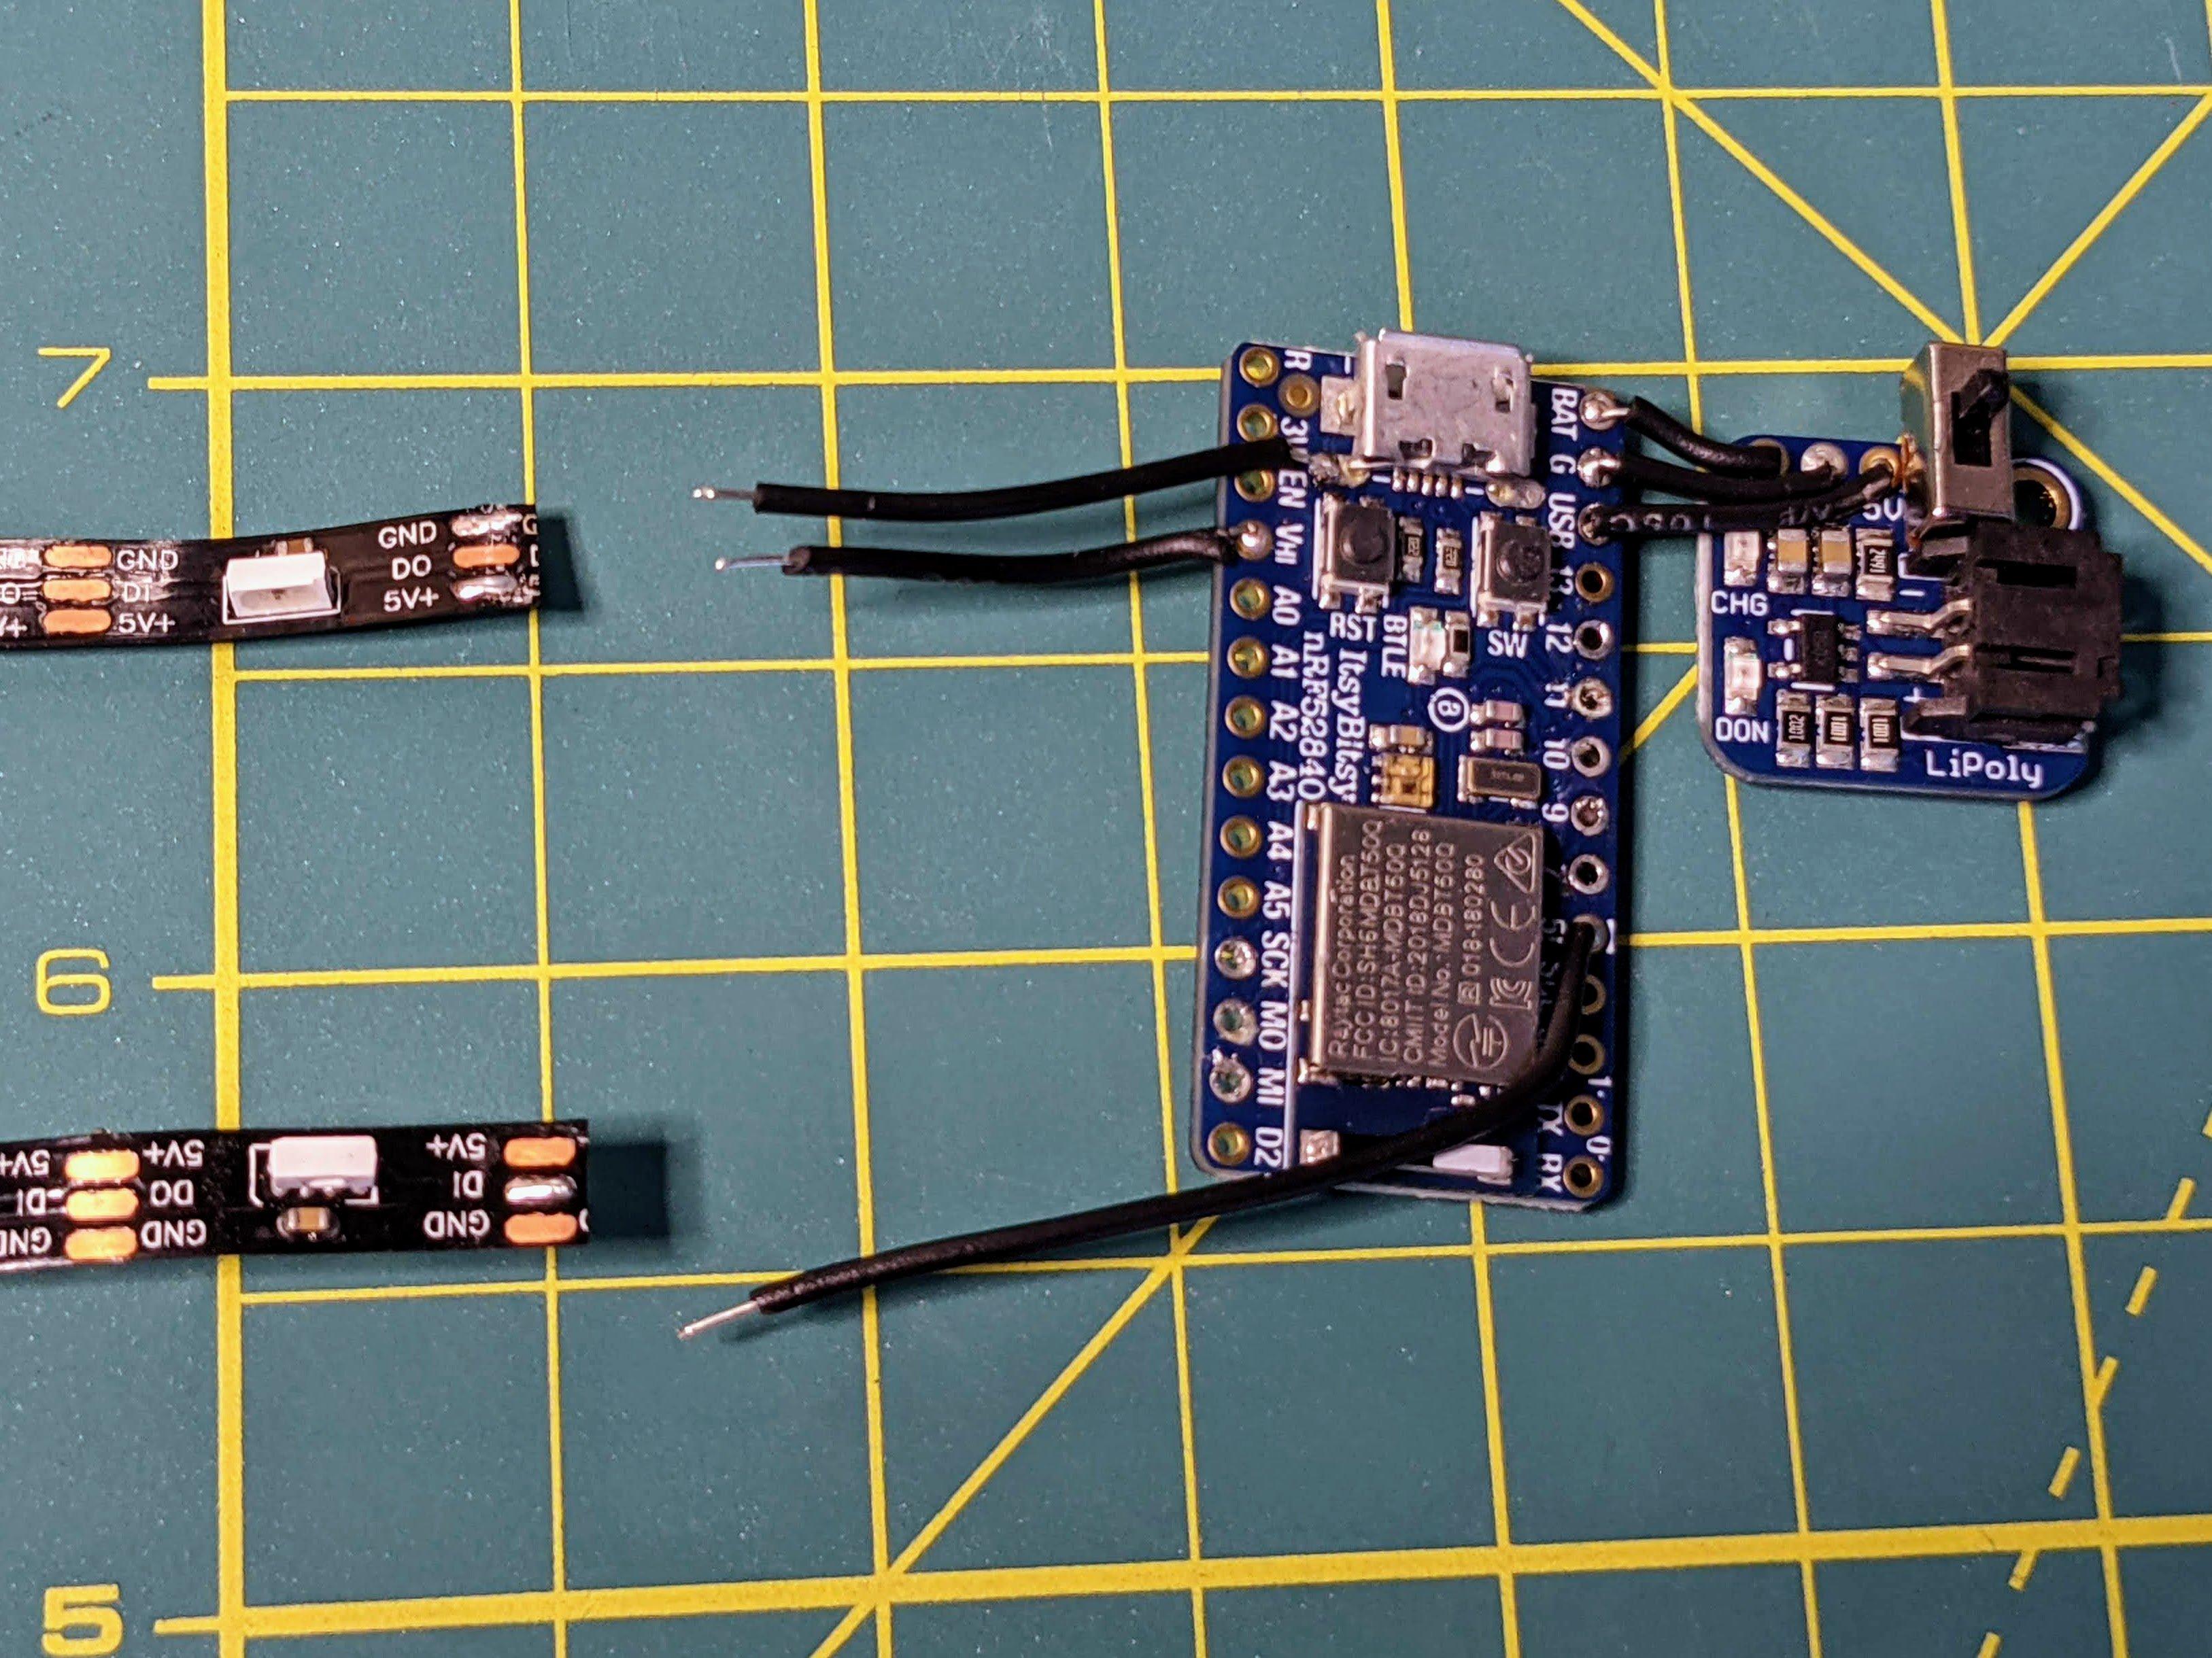 led_strips_PXL_20210125_002331344.jpg